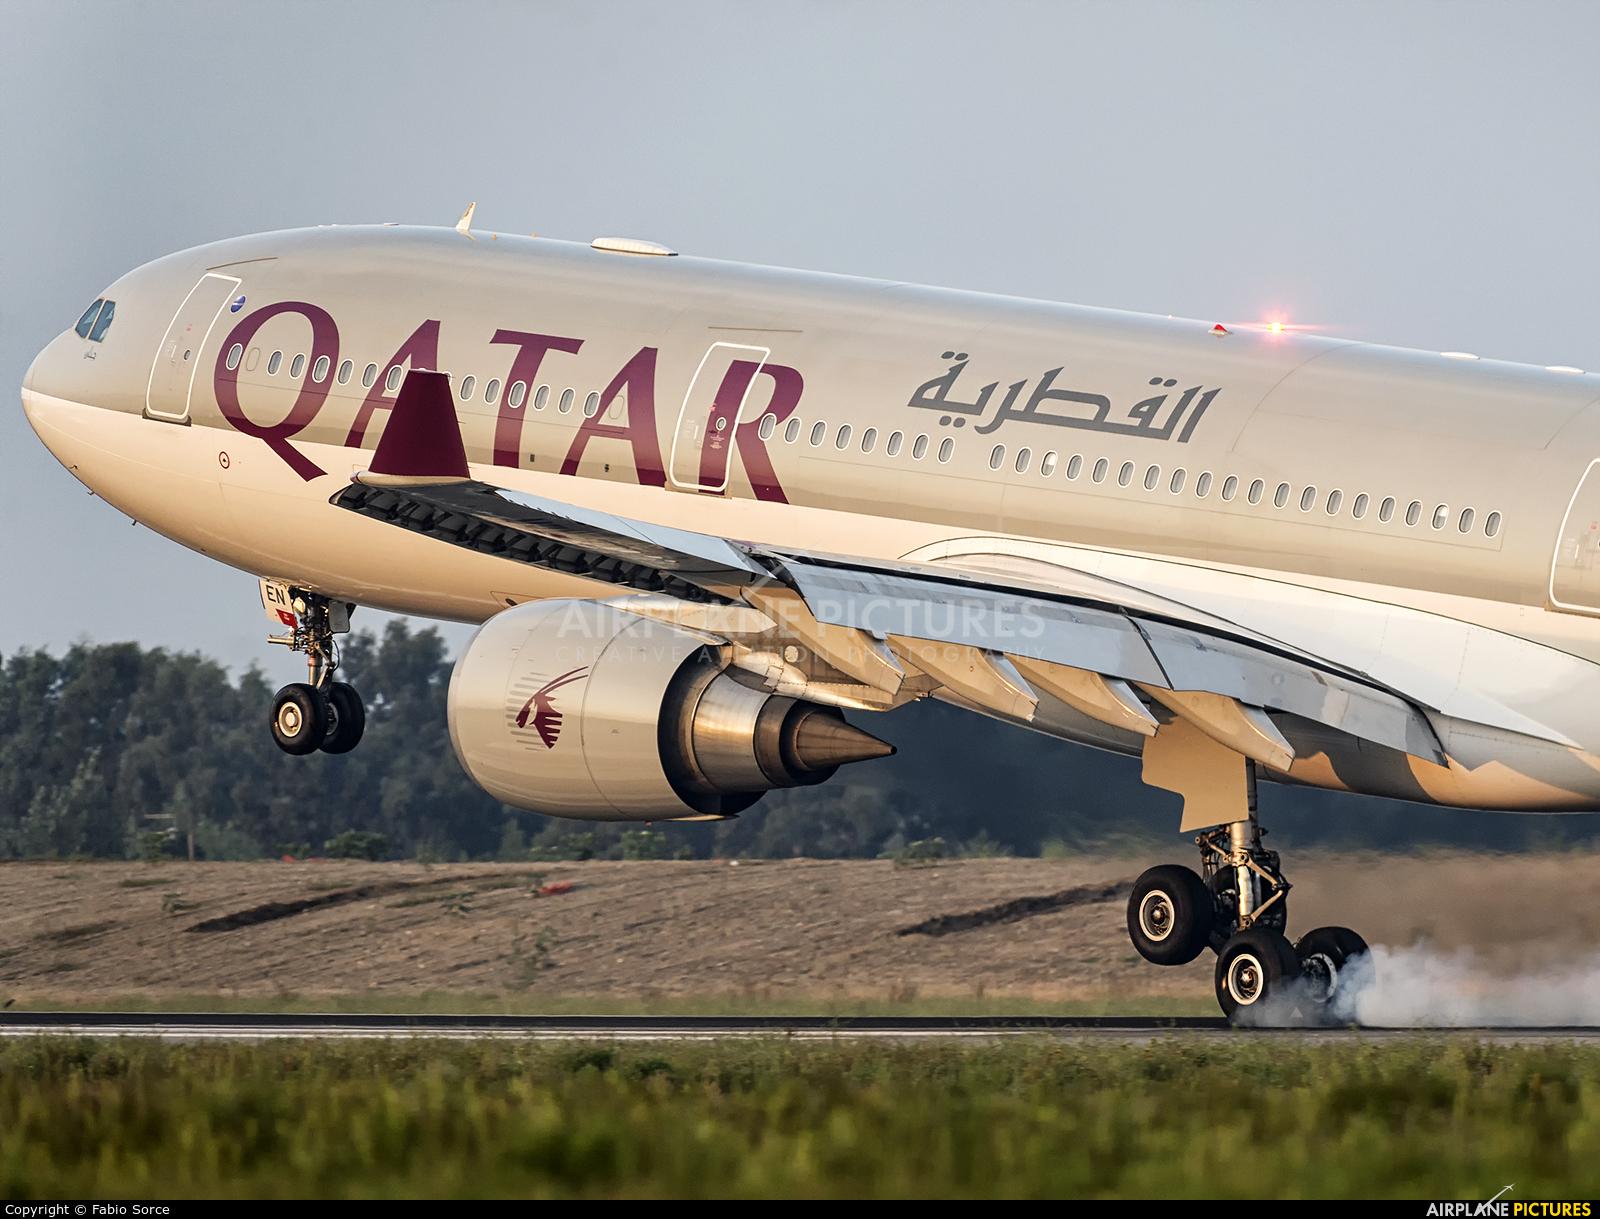 Qatar Airways A7-AEN aircraft at Rome - Fiumicino